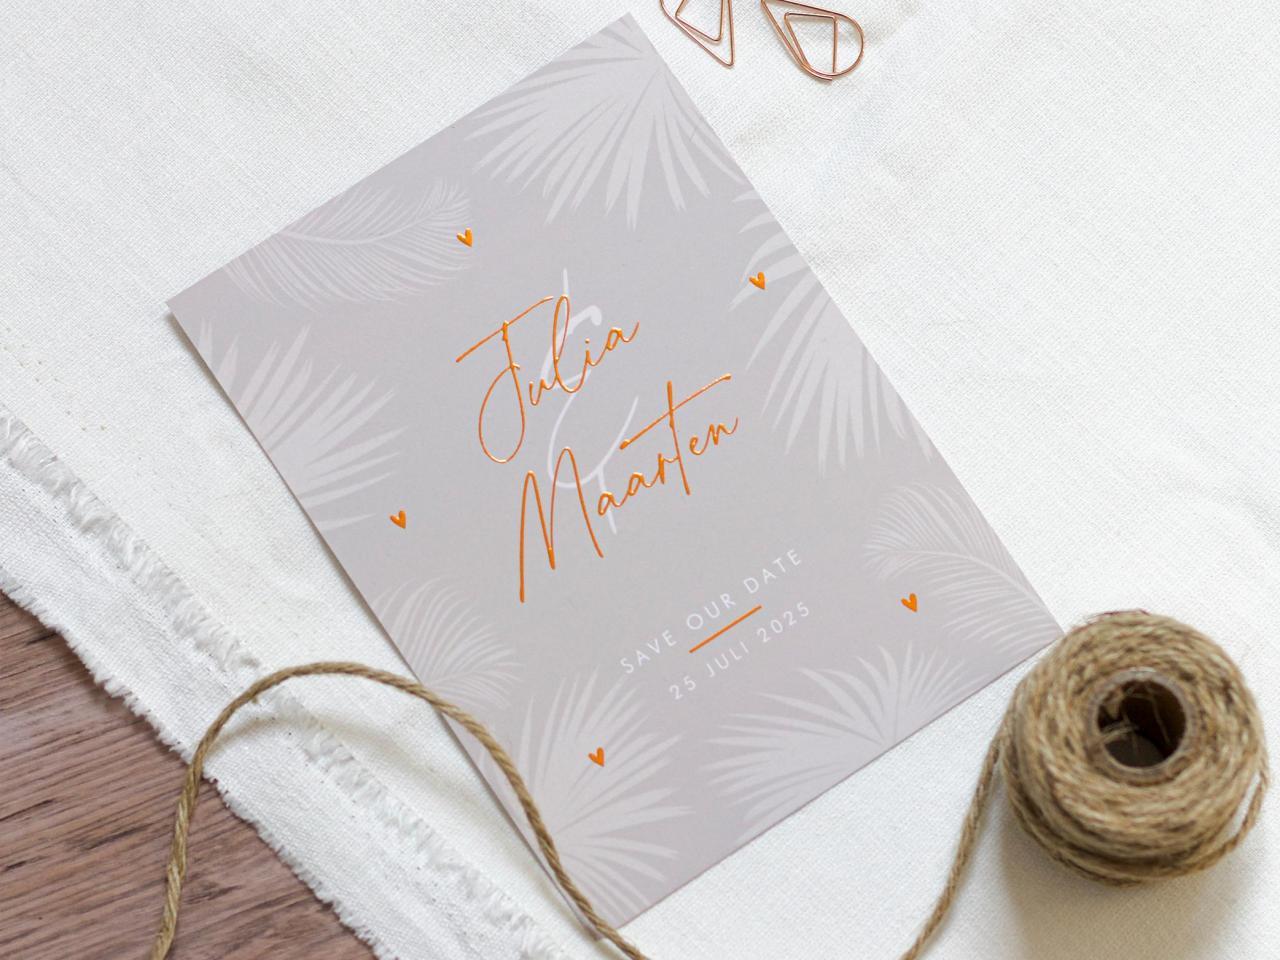 Koperfolie trouwkaart met tropische bladeren trouwkaart Stijlvol Brons zilver en goud Modern Romantisch